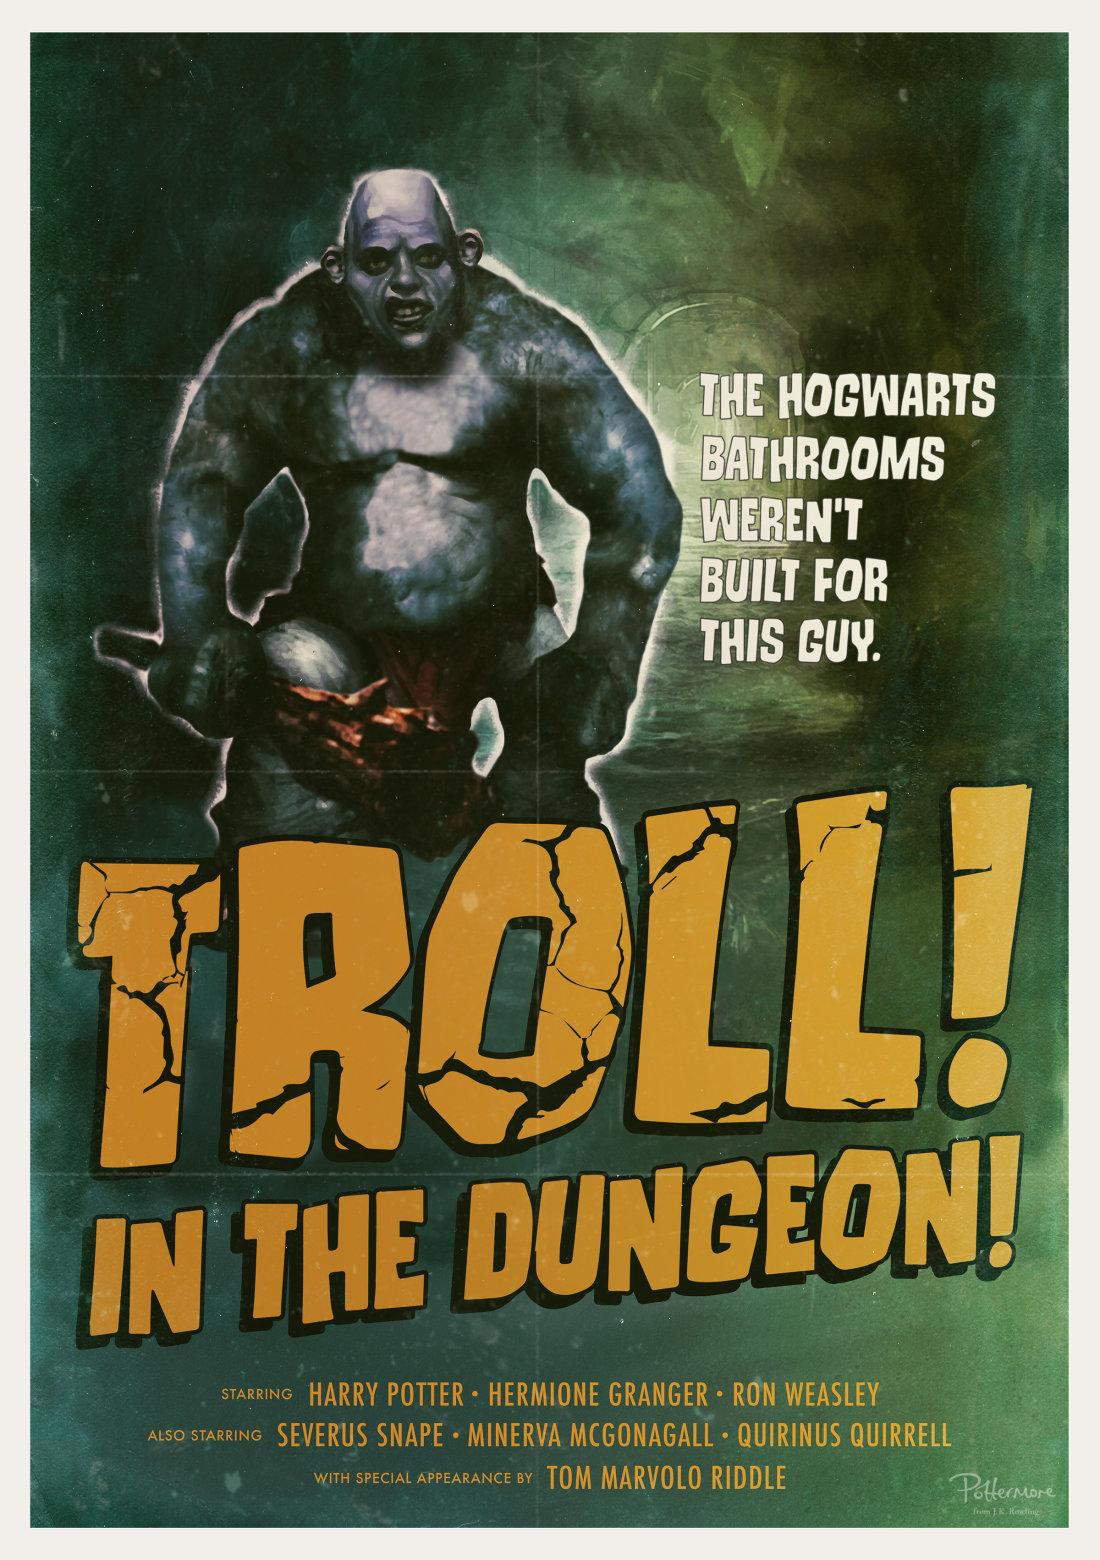 Troll harry potter affiche J.K. rowling